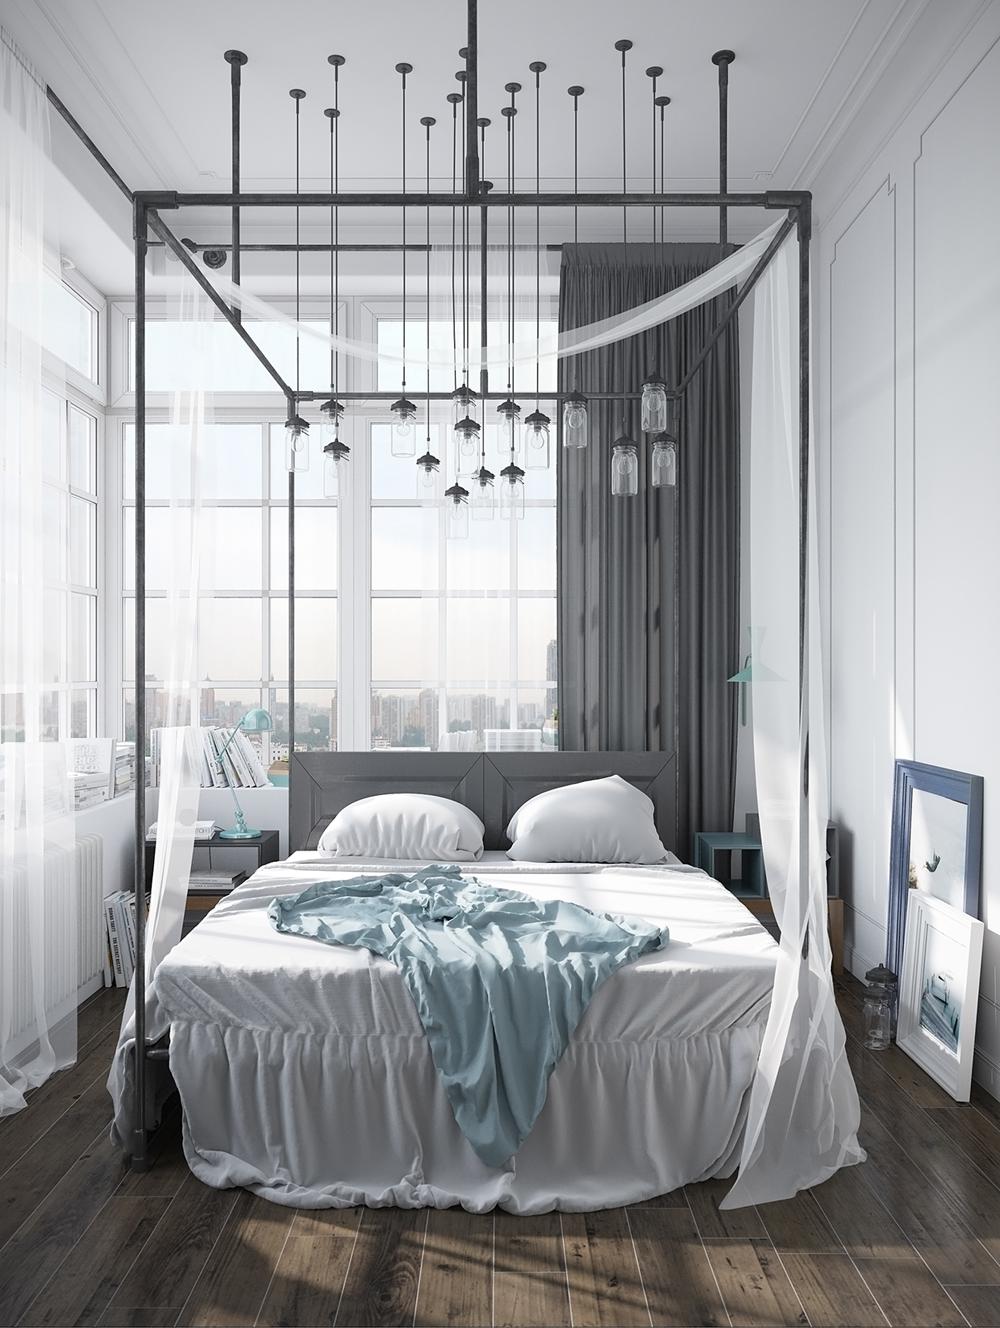 17. phong cách Scandinavian phòng ngủ giản đơn